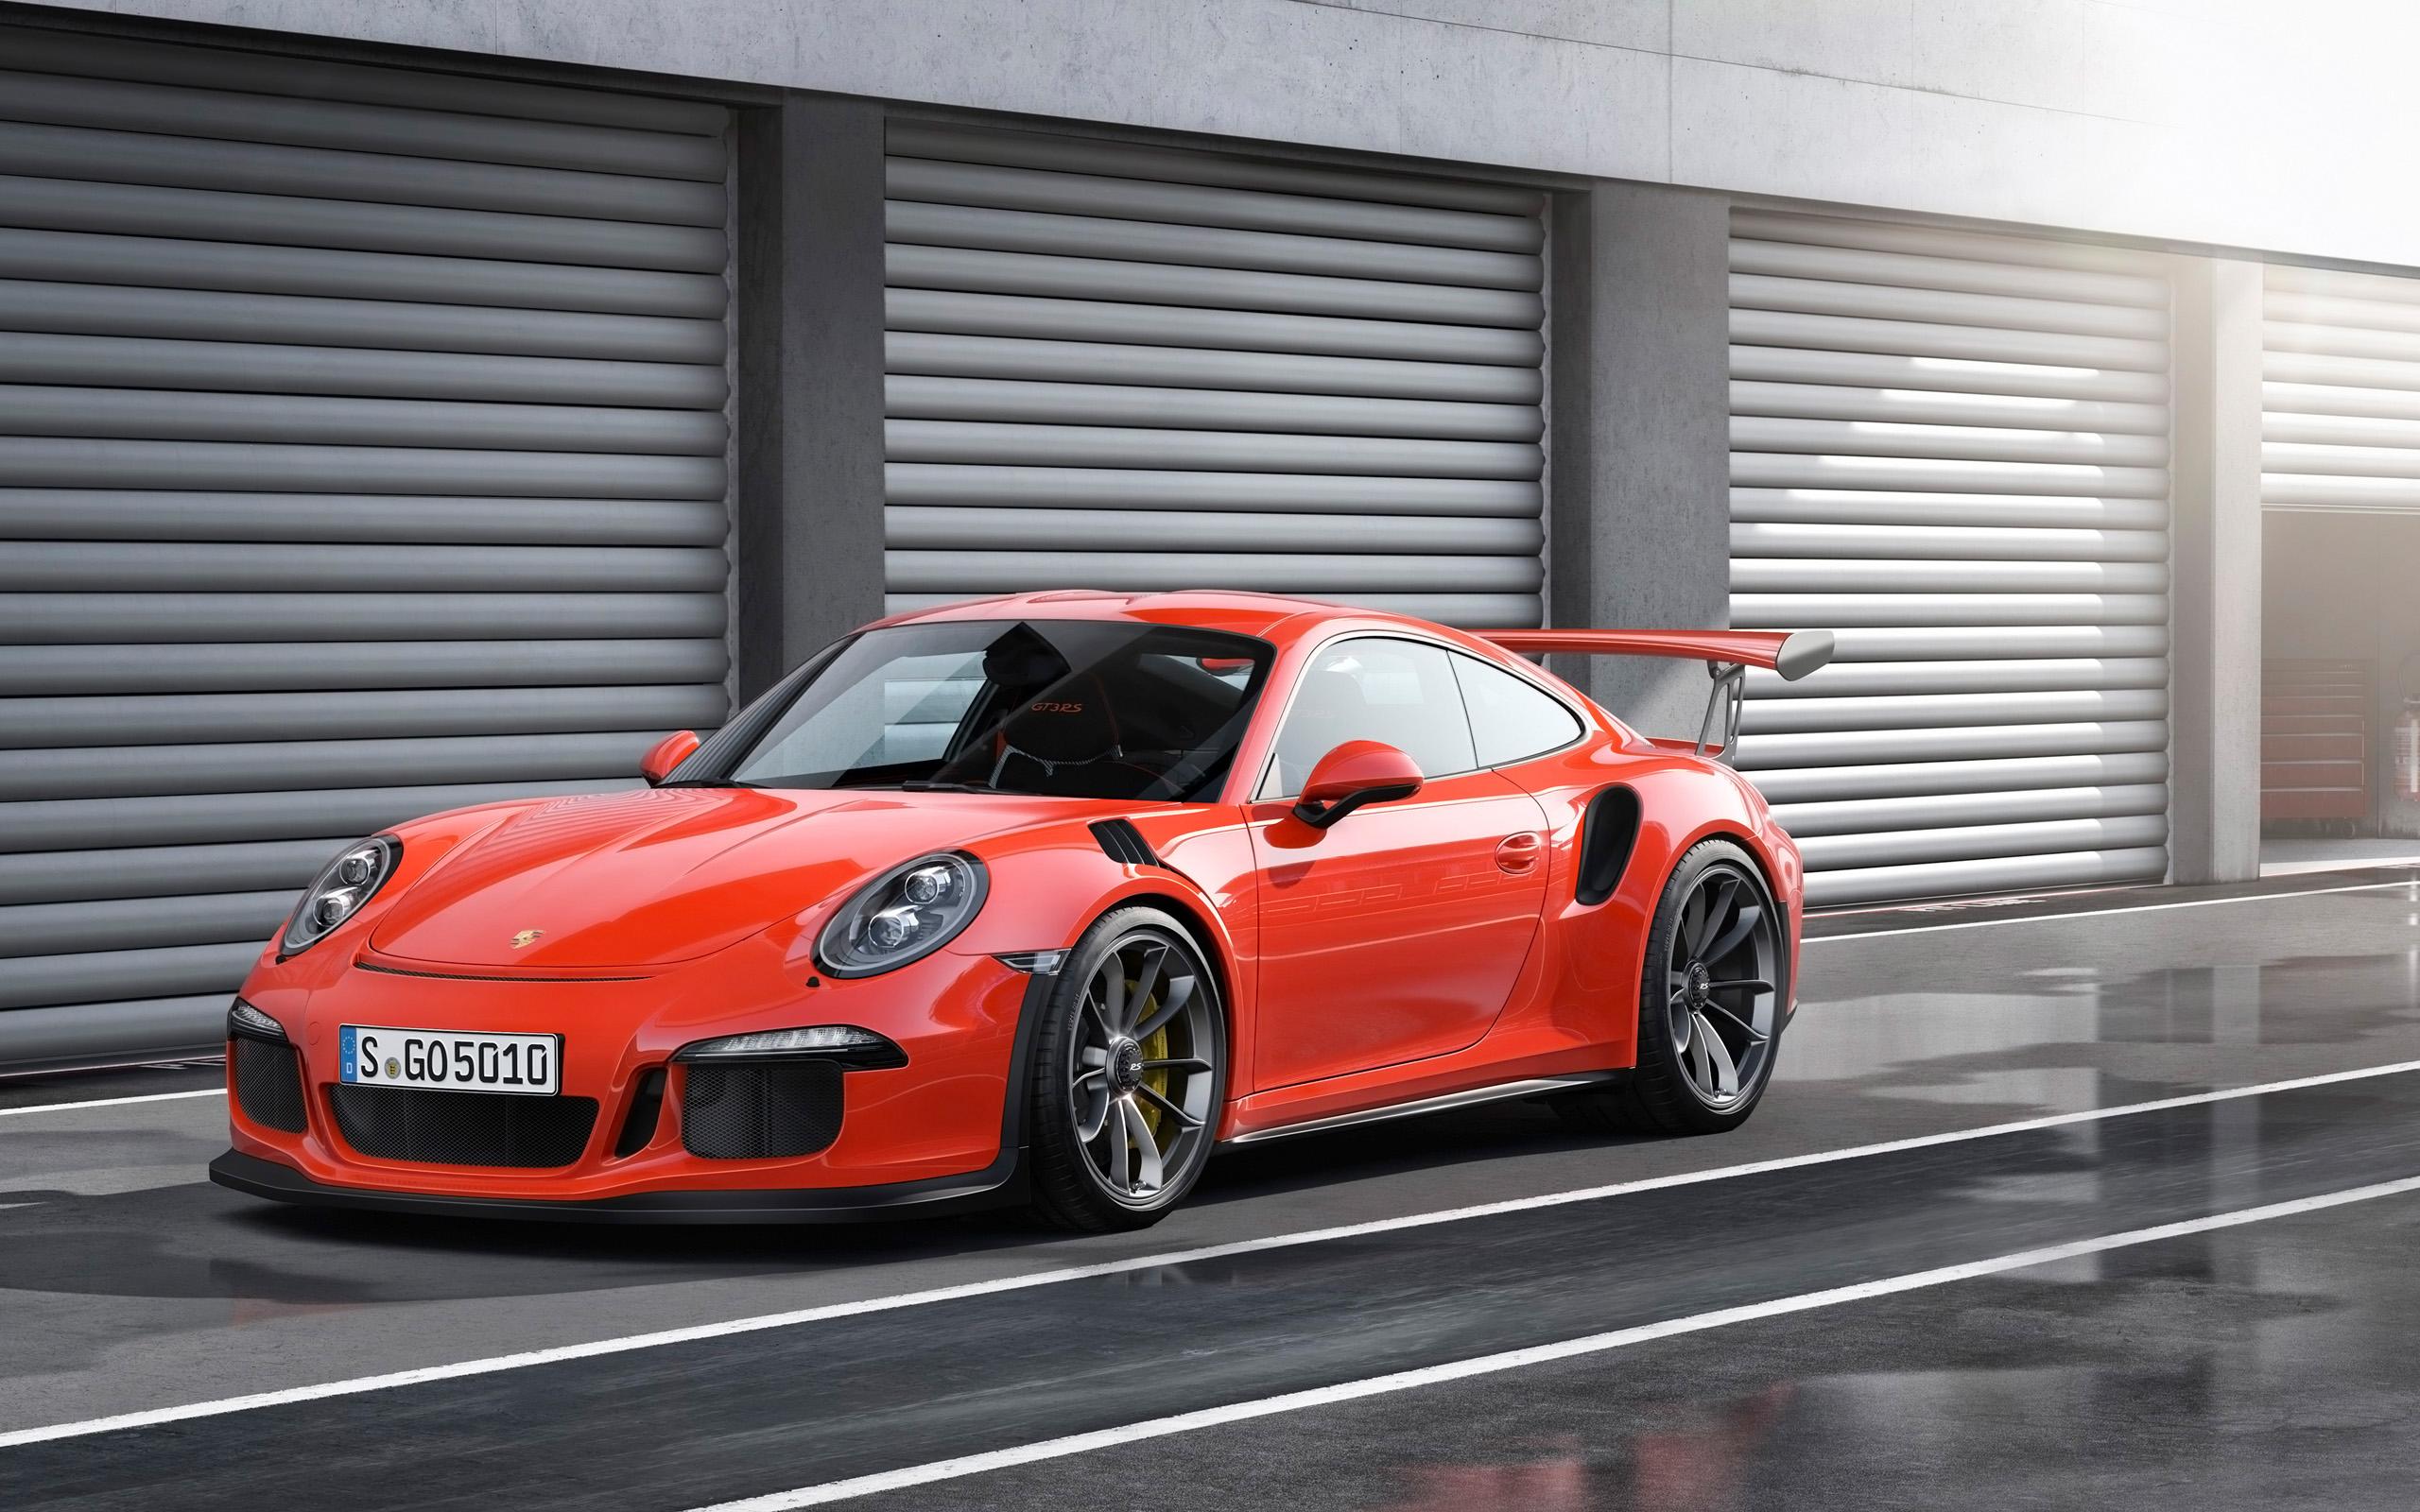 2015 Porsche 911 GT3 RS Wallpapers HD Wallpapers 2560x1600